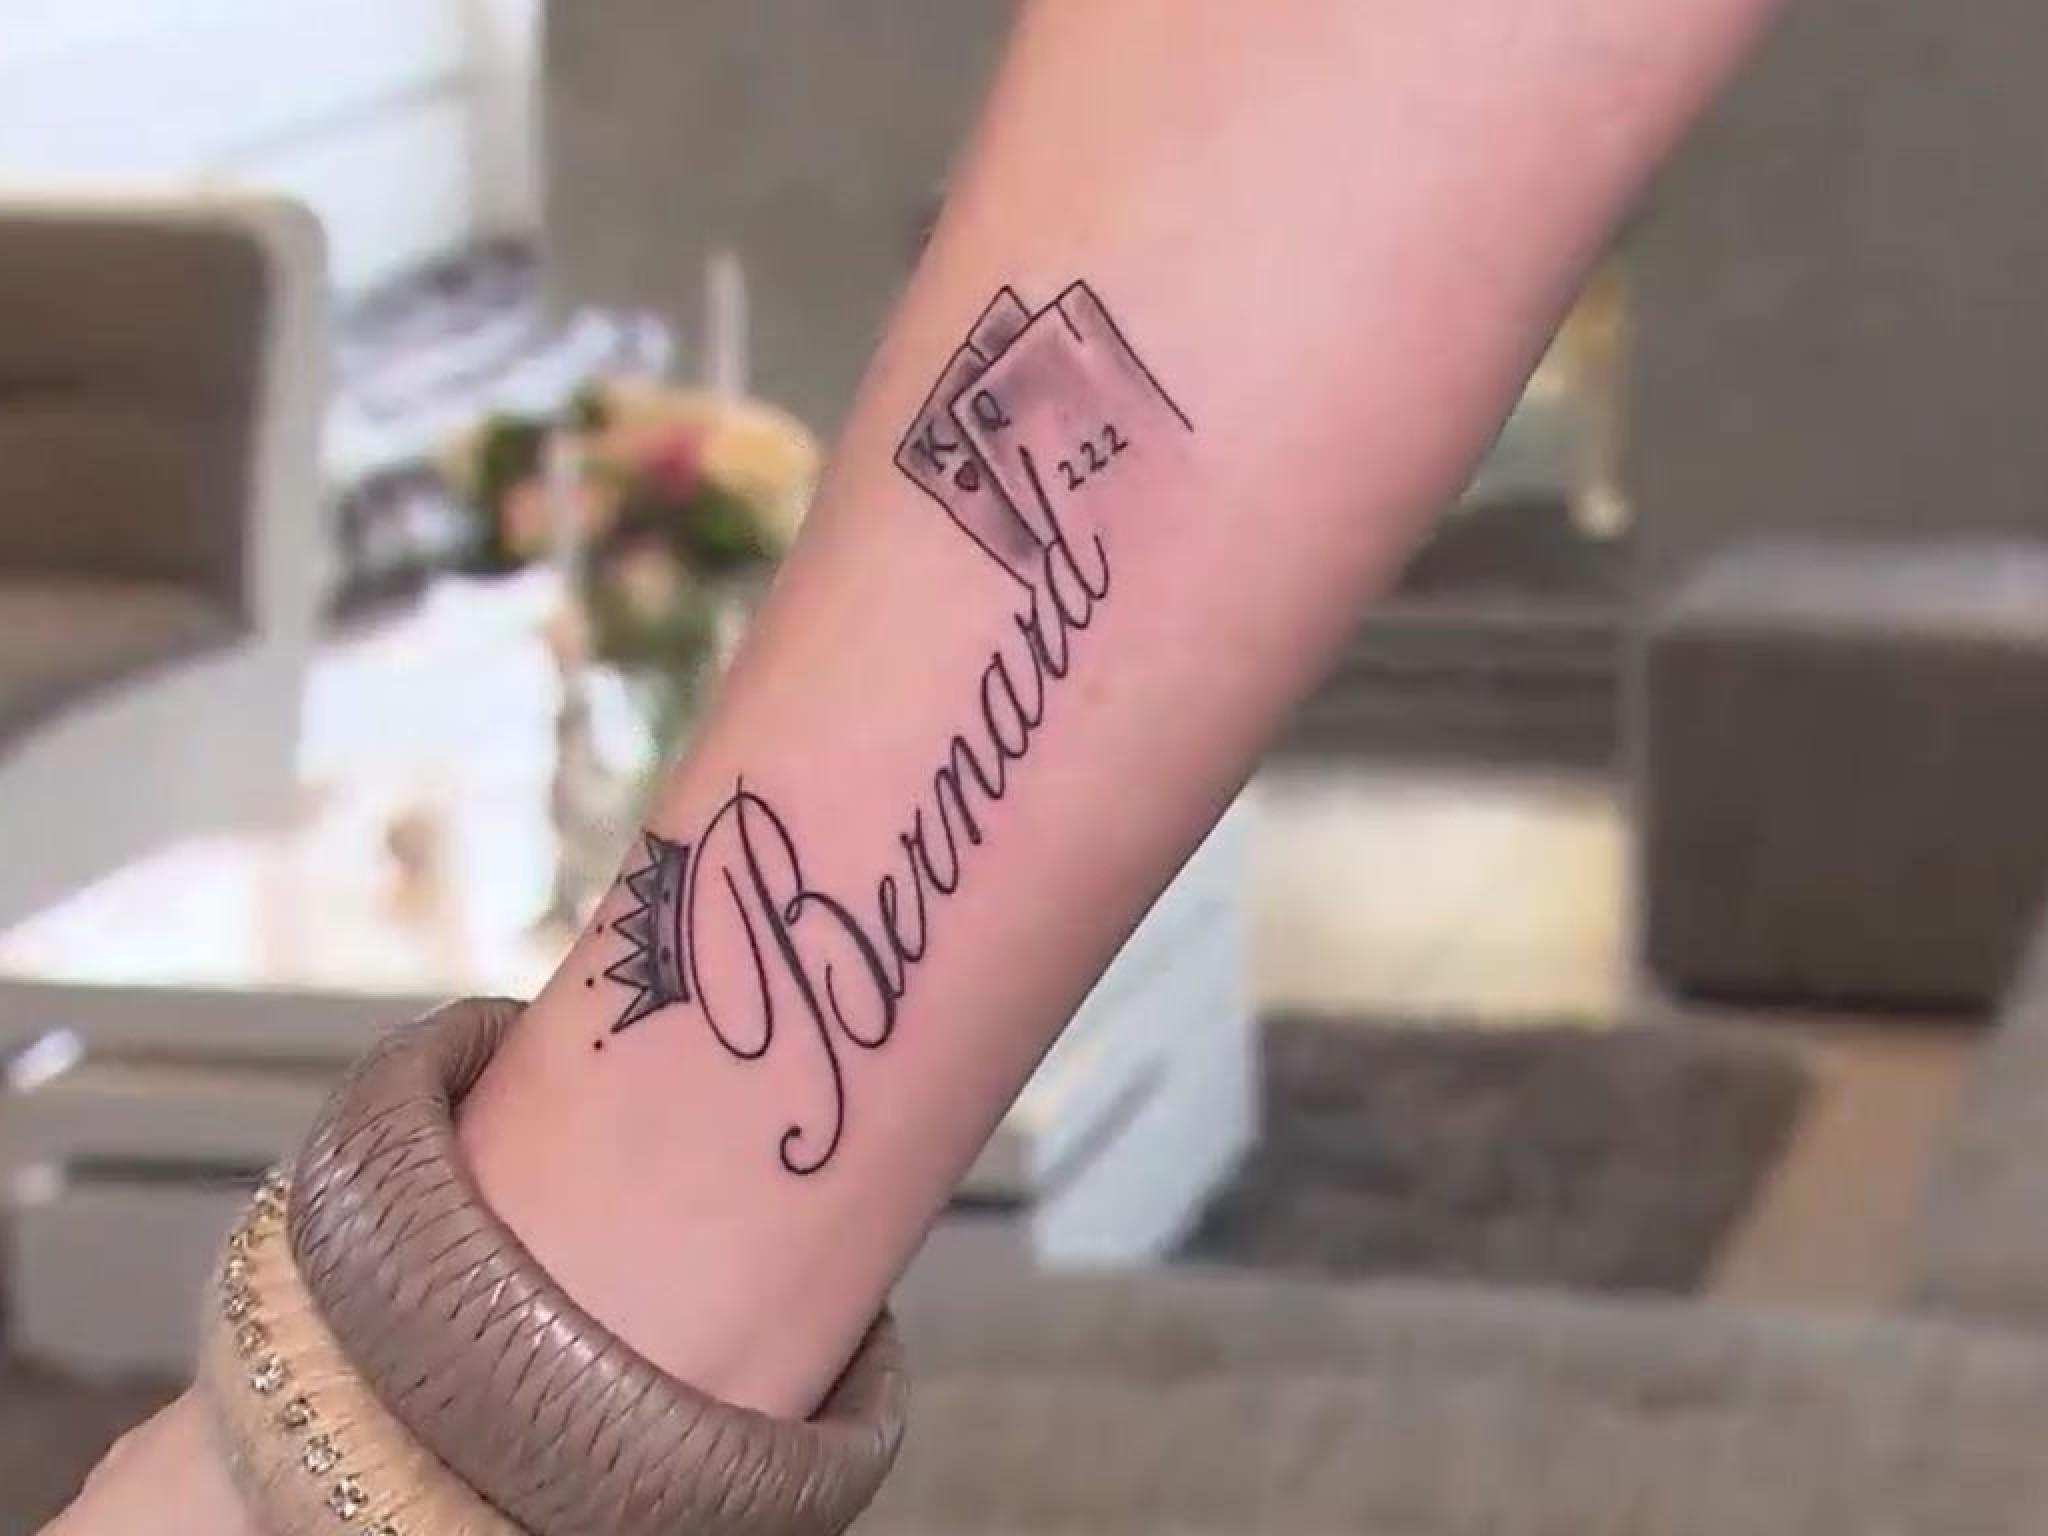 Das geht unter die Haut: Die Tattoos der Stars - Tattoo Handgelenk Frau